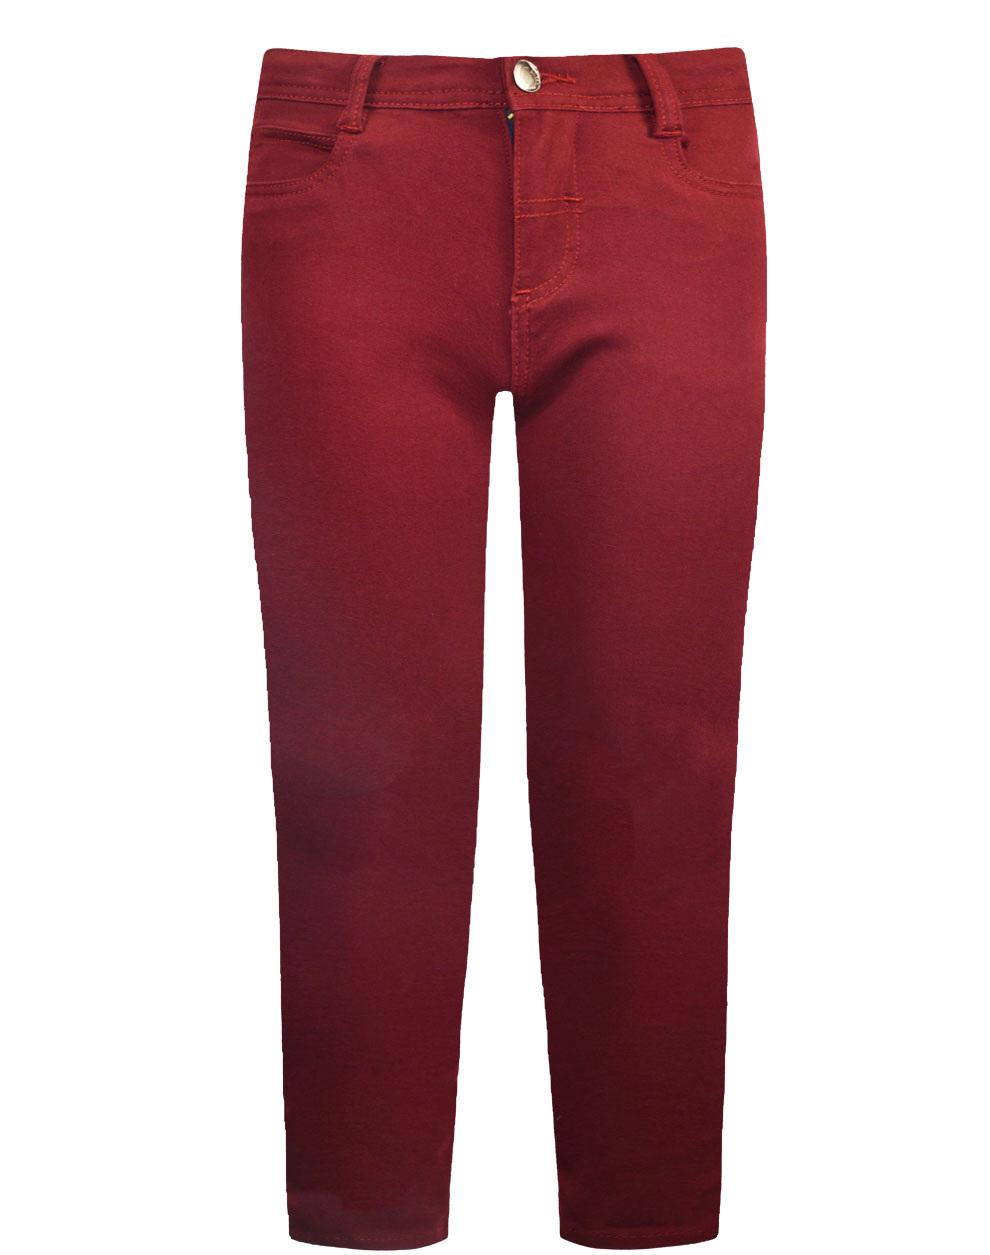 Πεντάτσεπο παντελόνι ελαστικό μονόχρωμο από σταθερό ύφασμα καμβάς 12-120108-2 - Μπορντώ - 18136-3/12/146/102